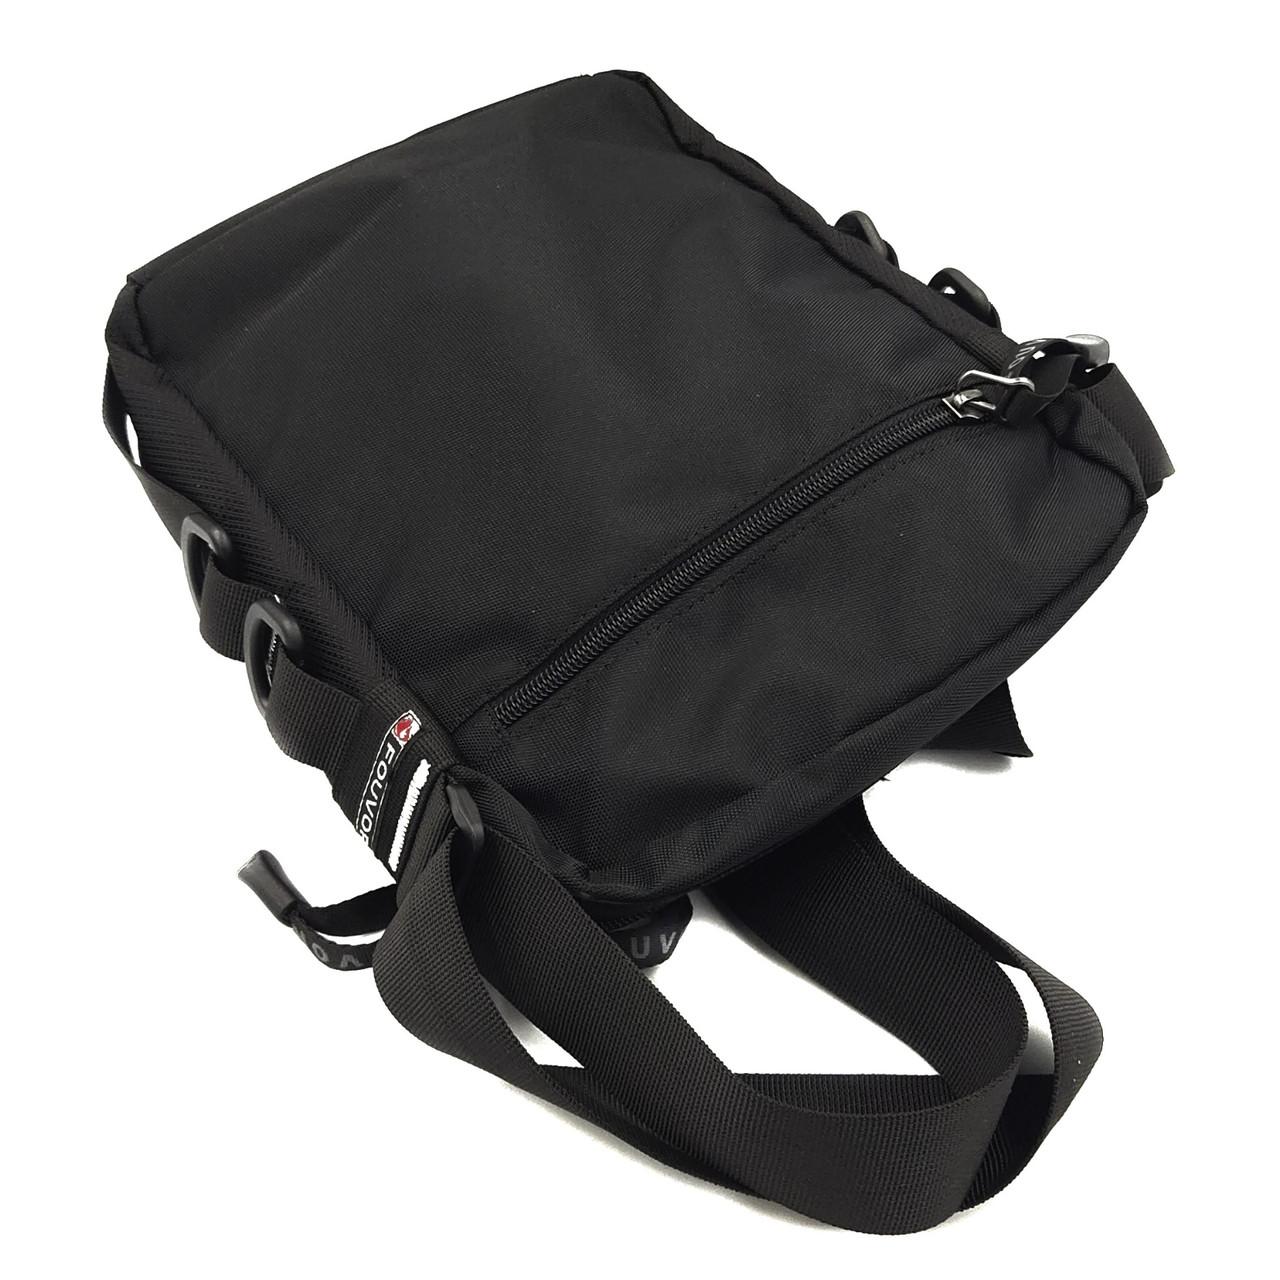 Мужская сумка через плечо полиэсиер черная Арт.2022-40 black Fouvor (Китай)